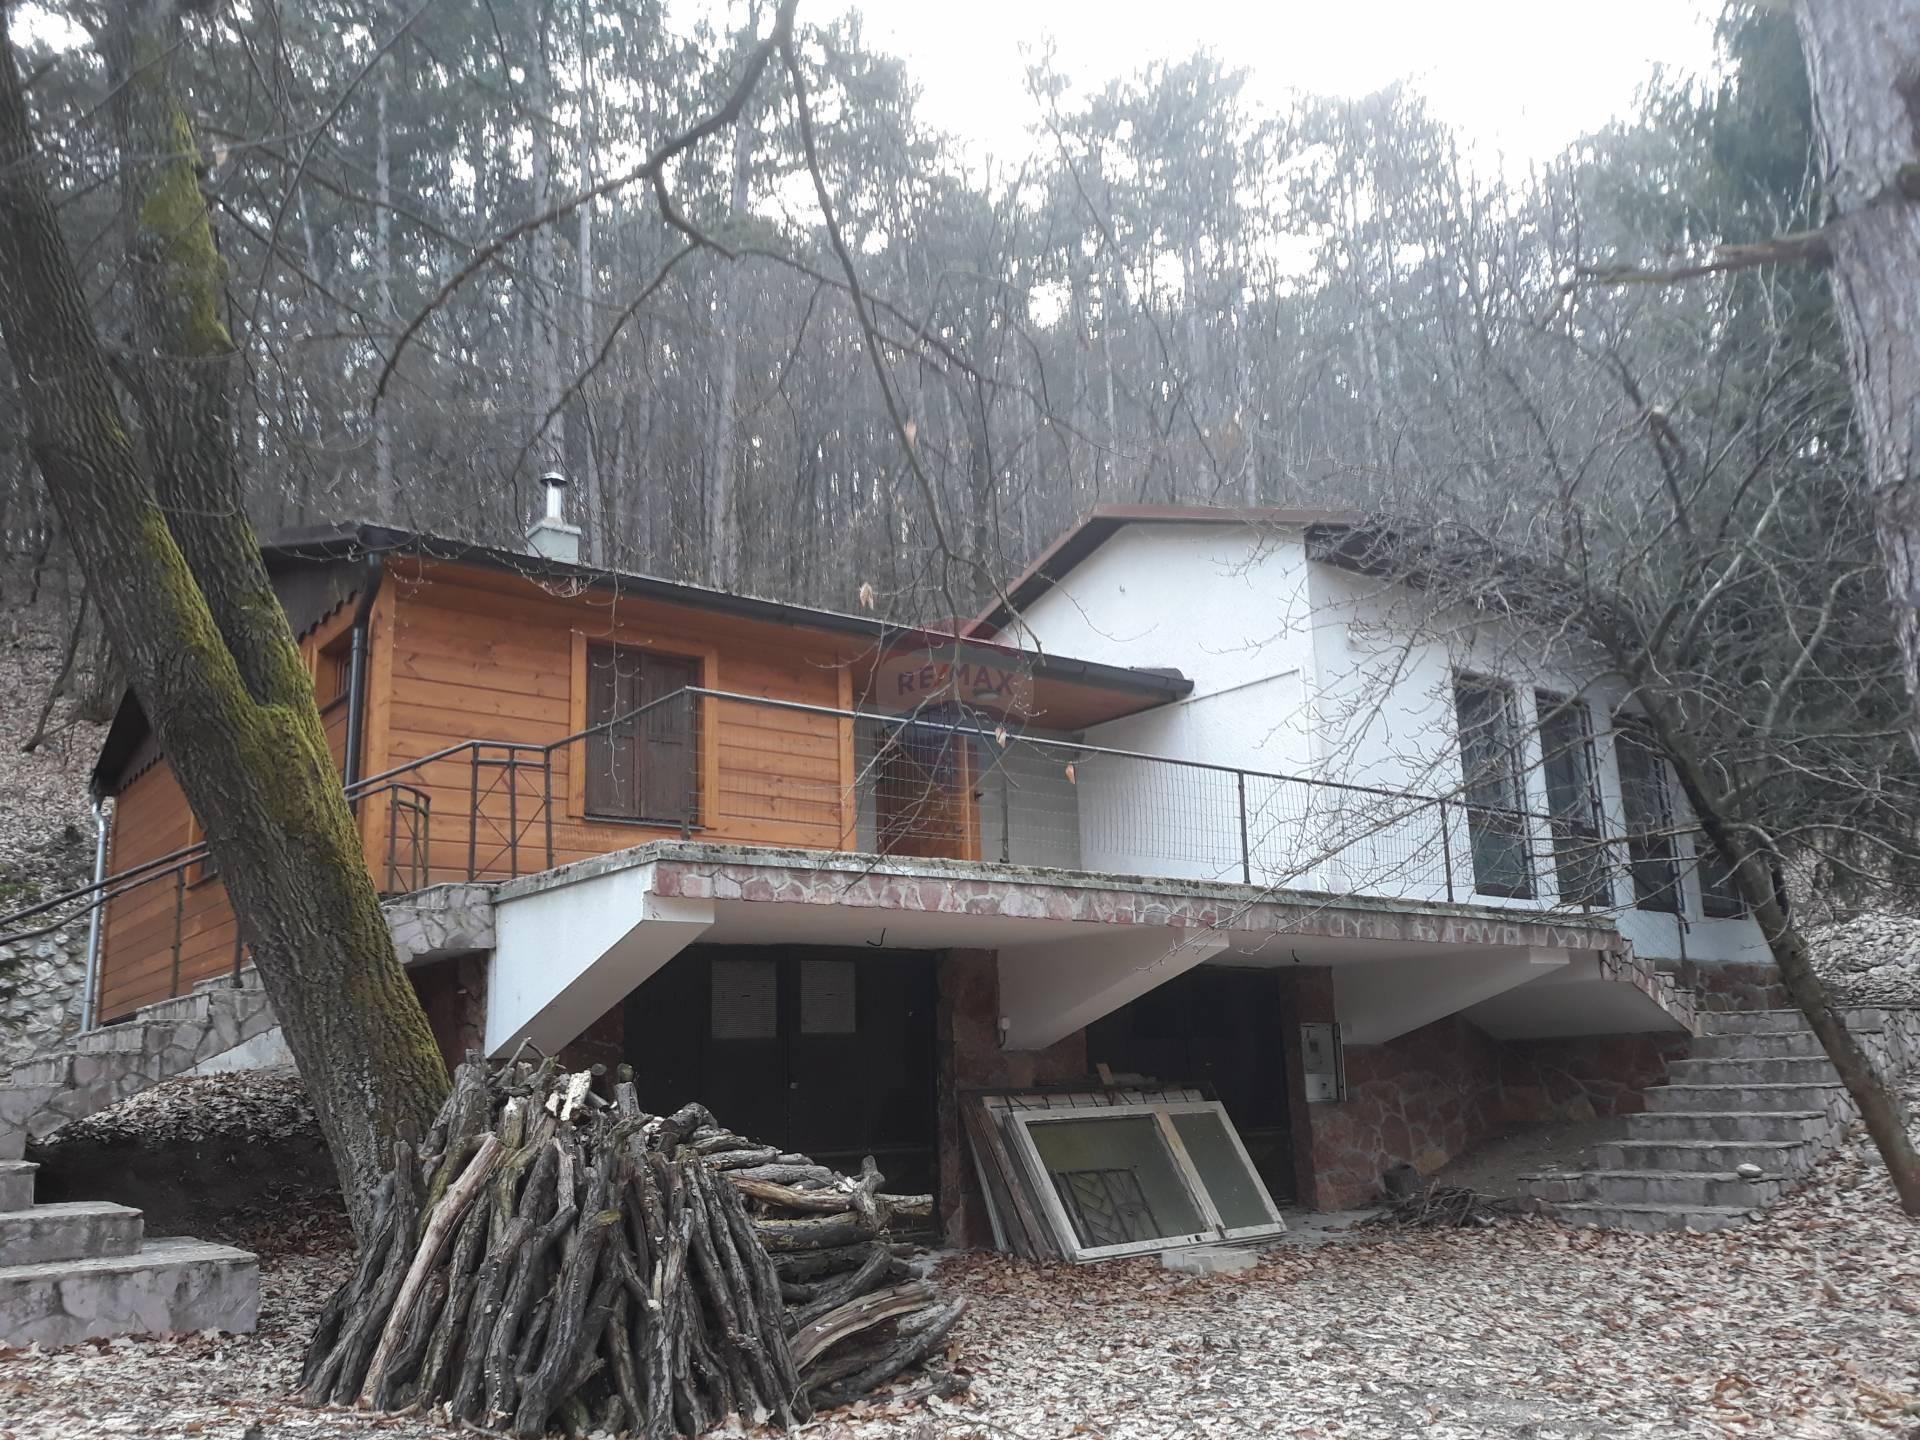 =RE/MAX= Na predaj priestranná chata pod lesom, 192 m2 zastavanej plochy,